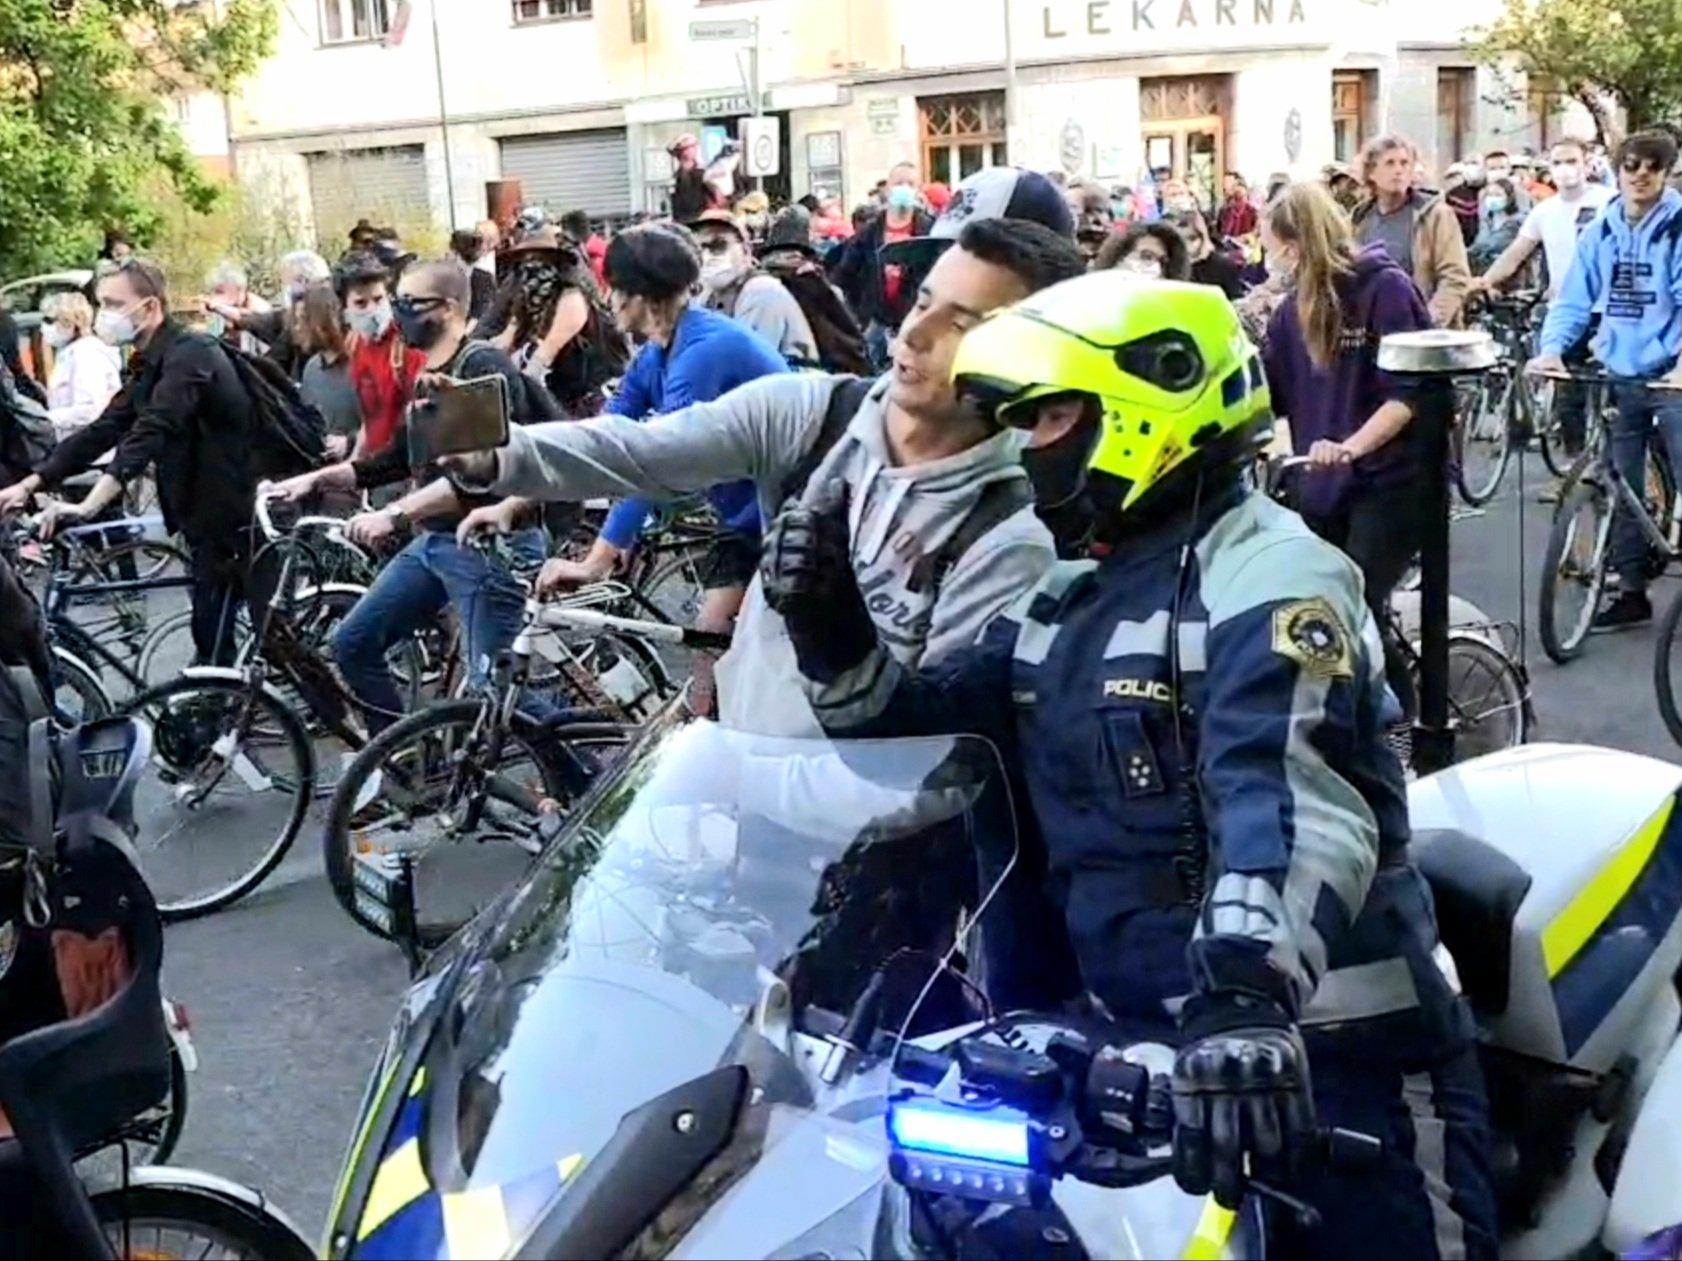 Slovenija: Fotografija sa protesta podelila javnost